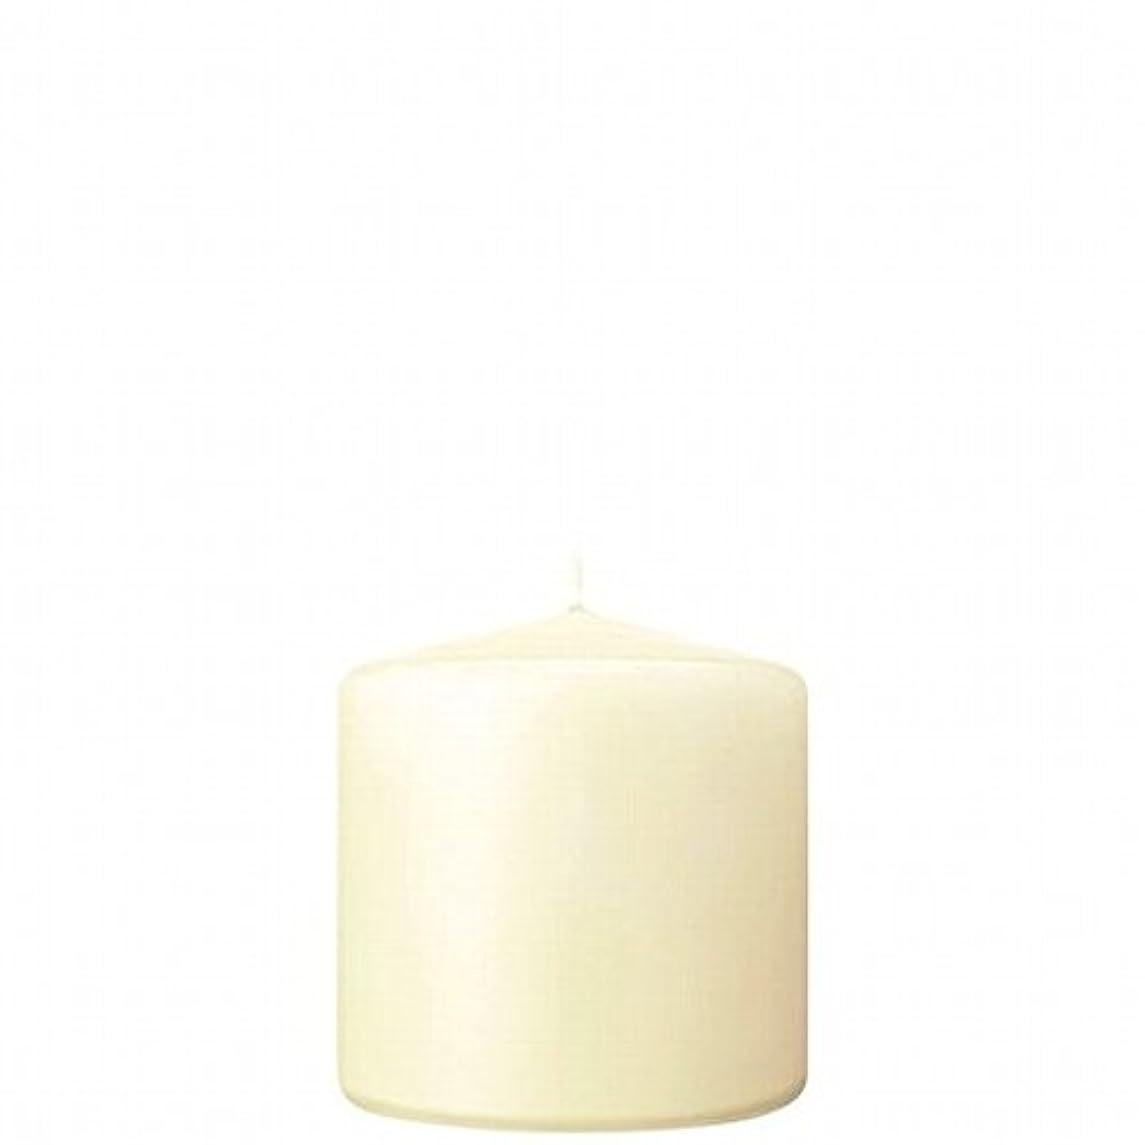 復活させる吸収するこしょうkameyama candle(カメヤマキャンドル) 3×3ベルトップピラーキャンドル 「 アイボリー 」(A9730000IV)